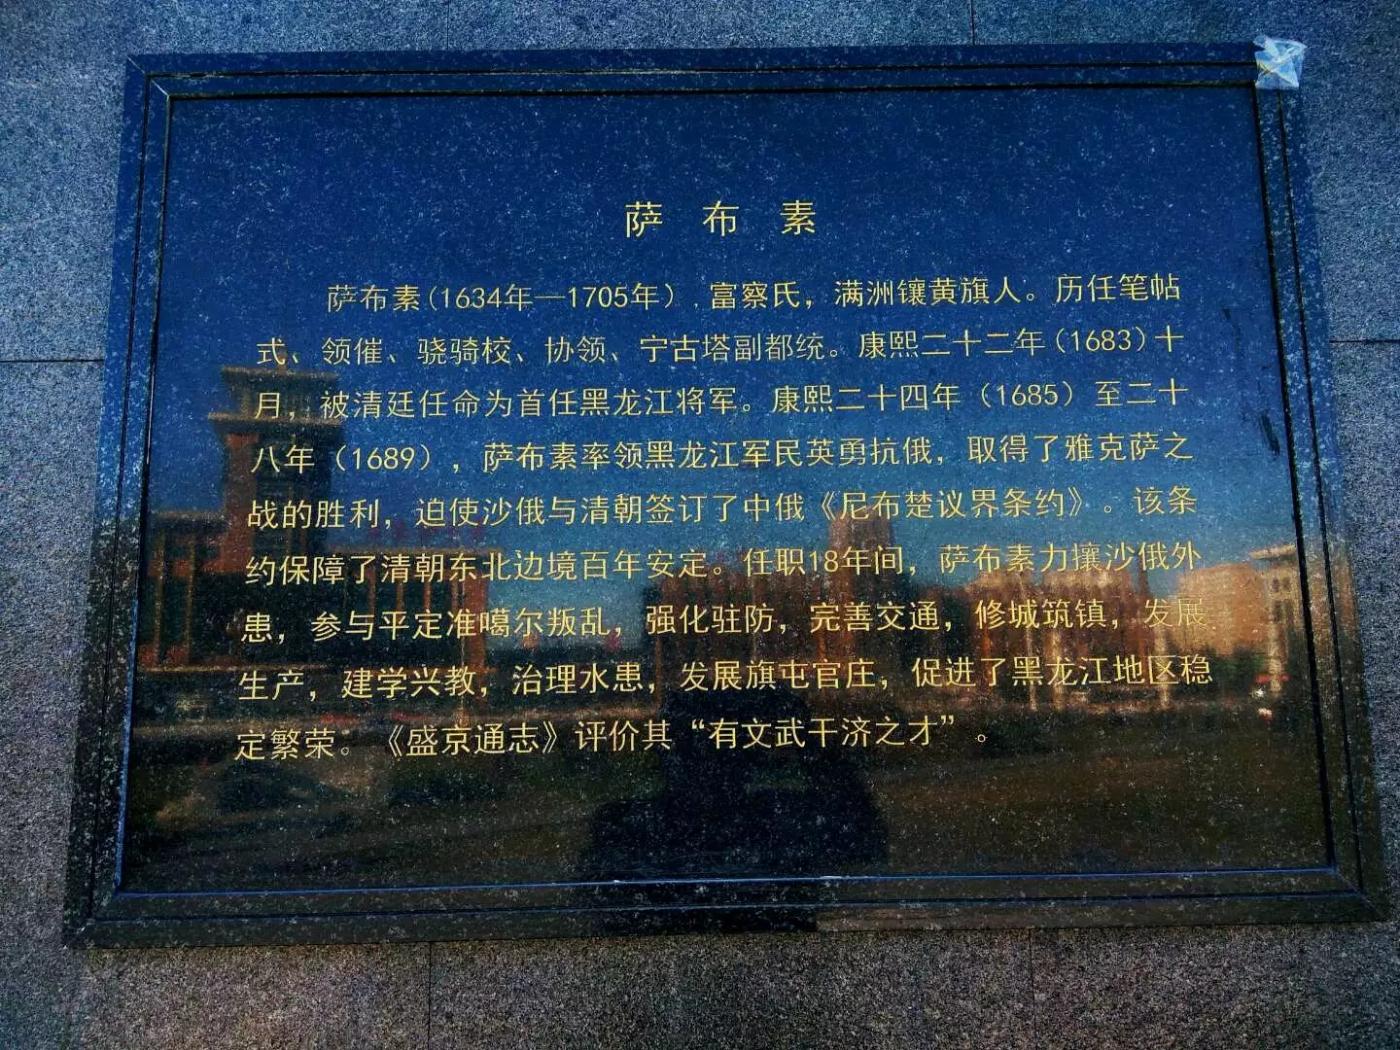 清代黑龙江的三位民族英雄(组图)_图1-4